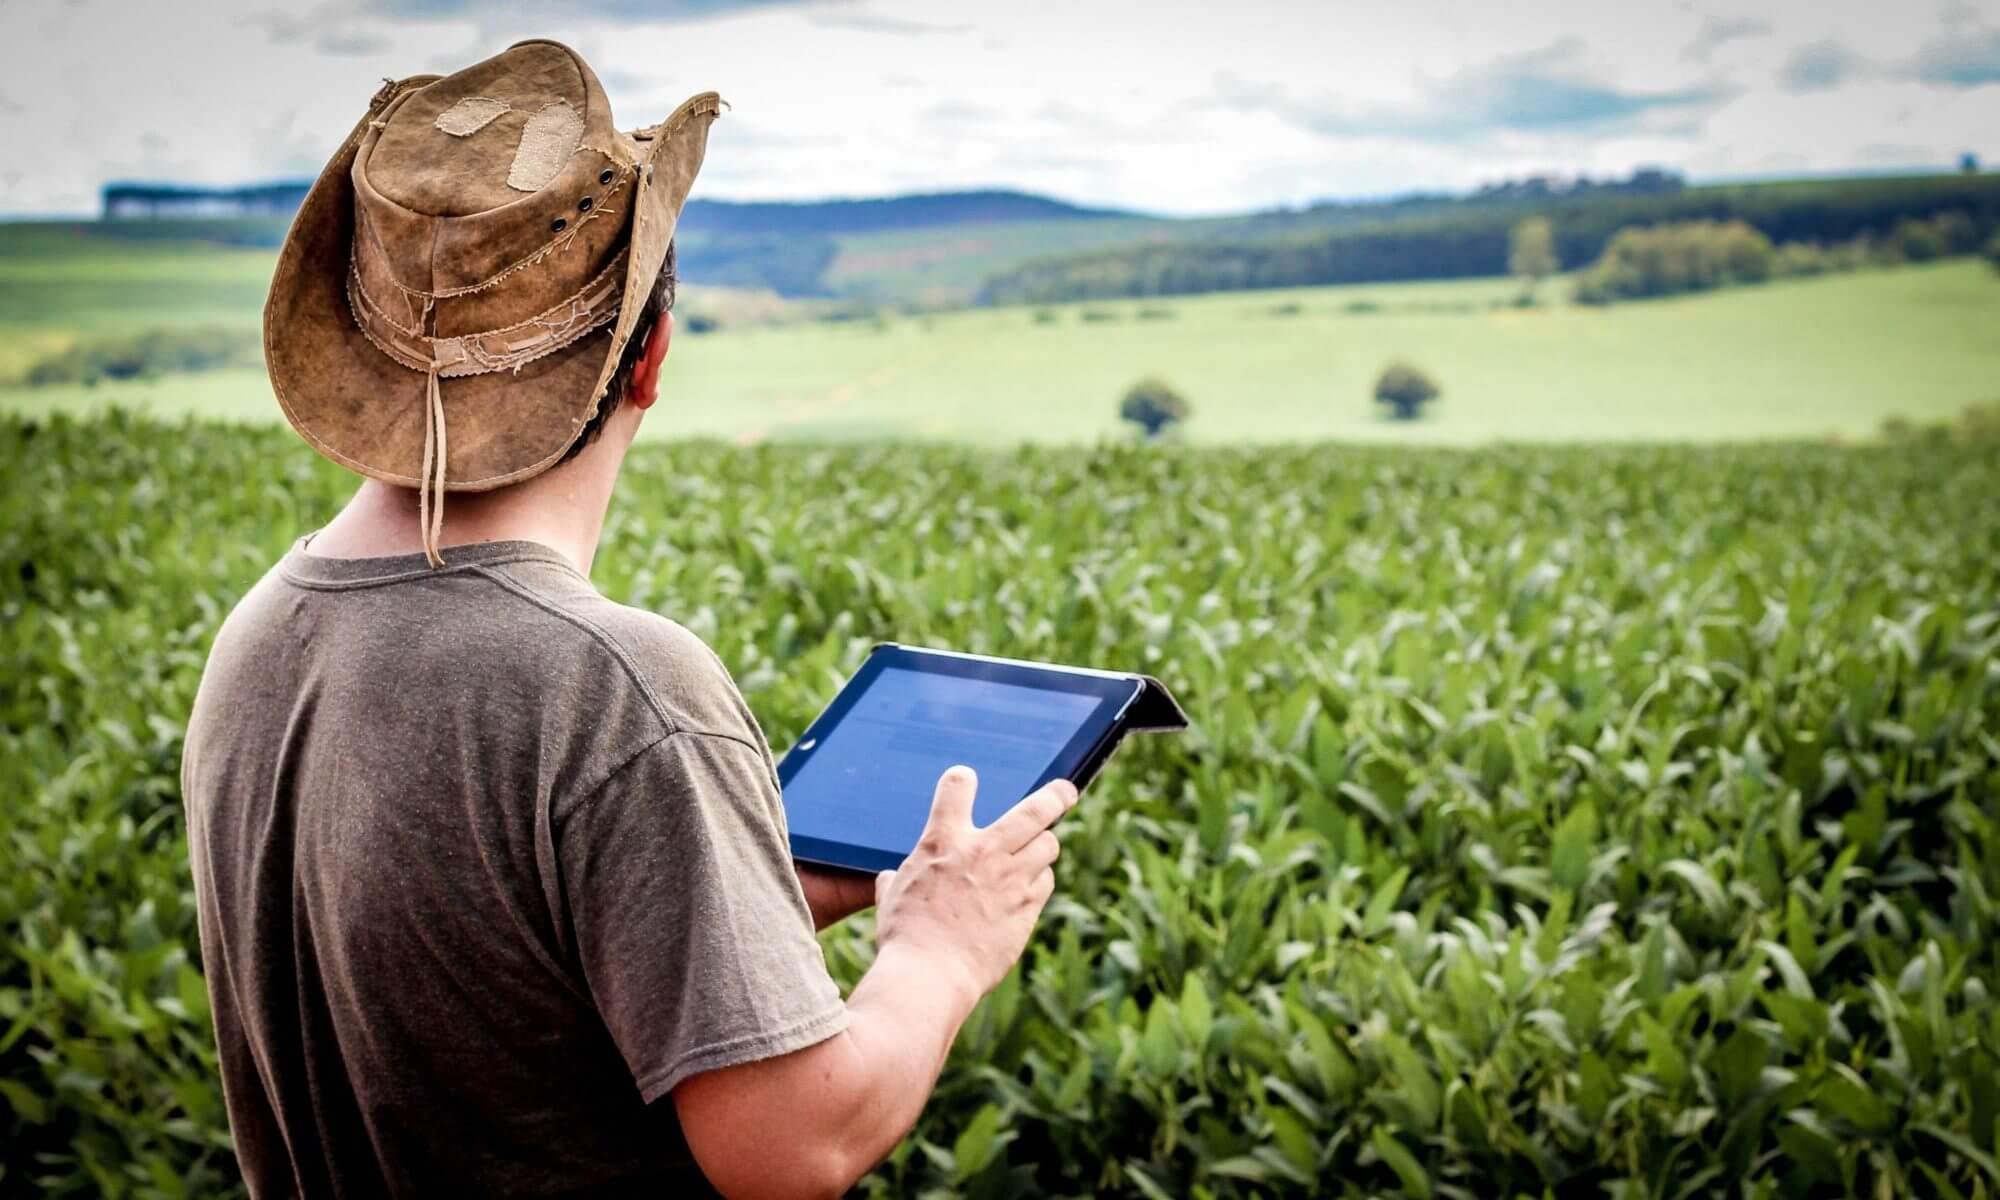 Agricultura digital: otimize sua atividade rural usando a tecnologia